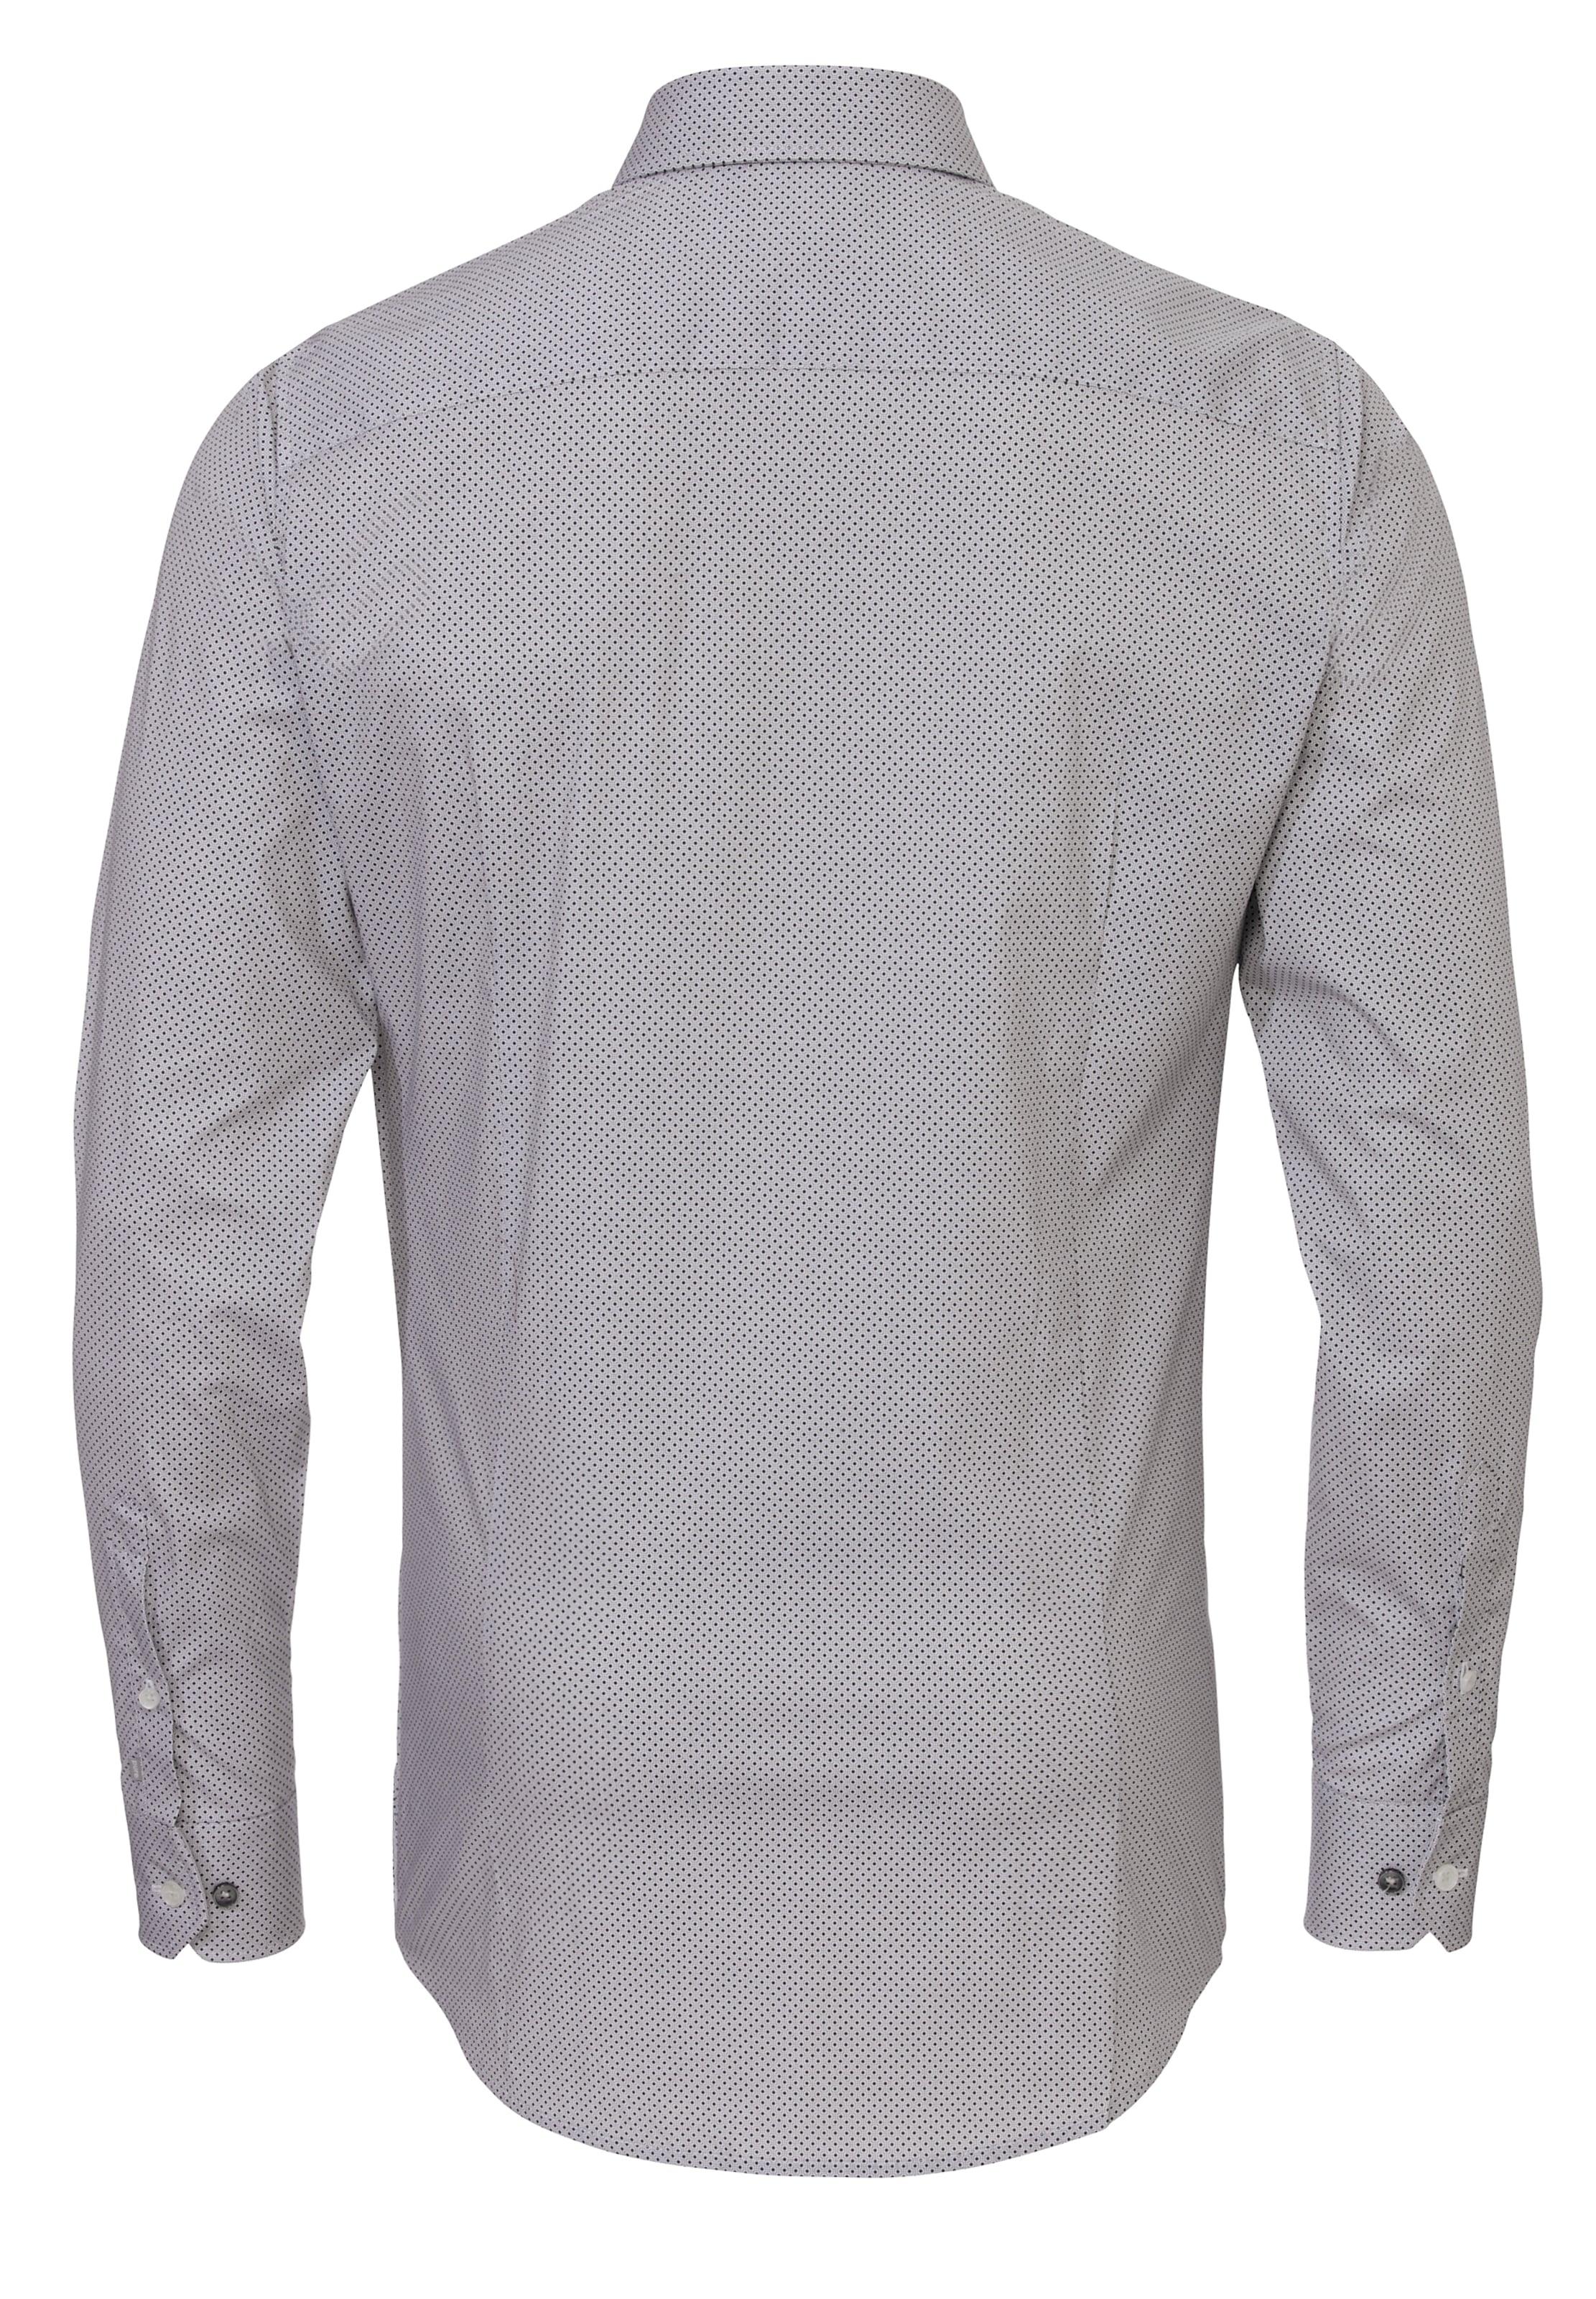 Manchester Große Online-Verkauf Verkauf Fabrikverkauf PURE Langarm-Hemd City Silver Extra Slim Verkauf Geschäft qP1derS